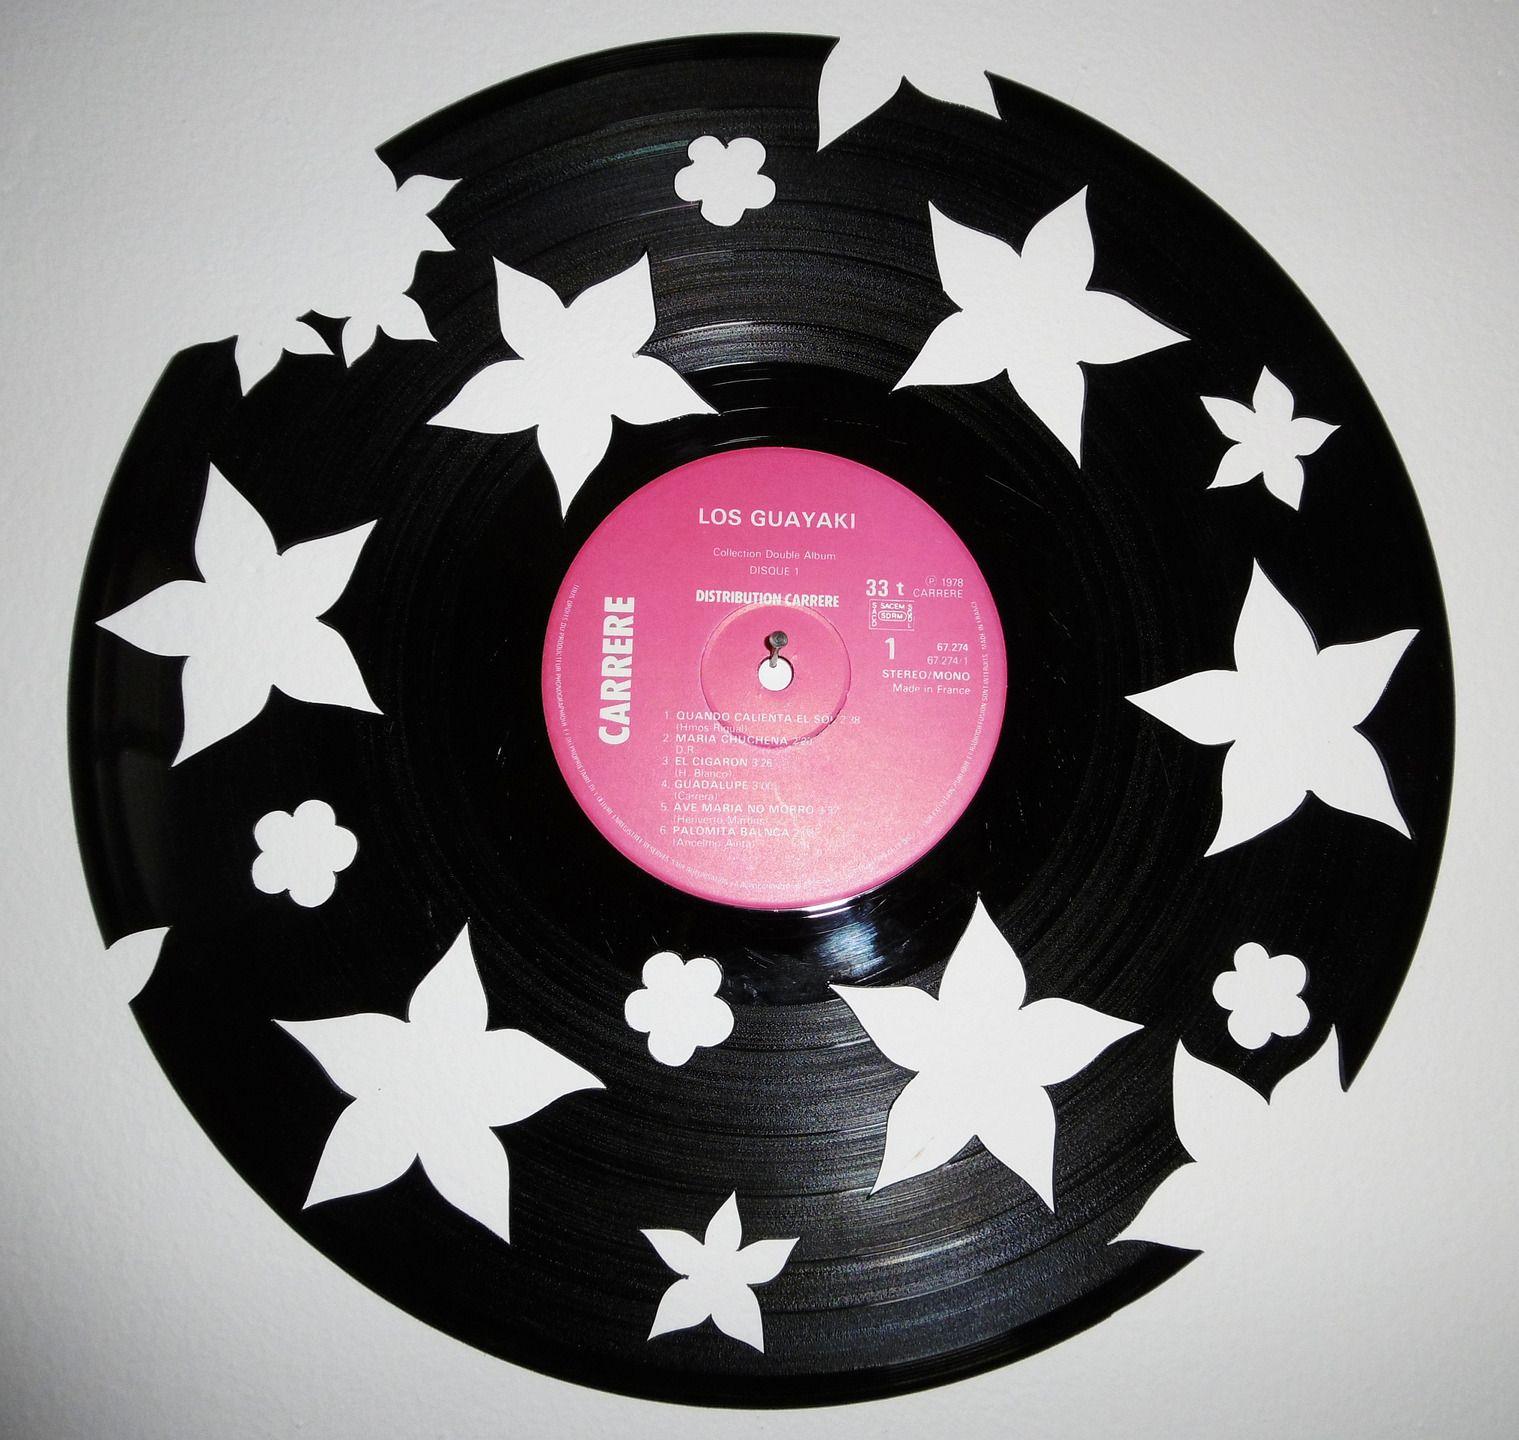 disque vinyle 33 tours decoupe a la